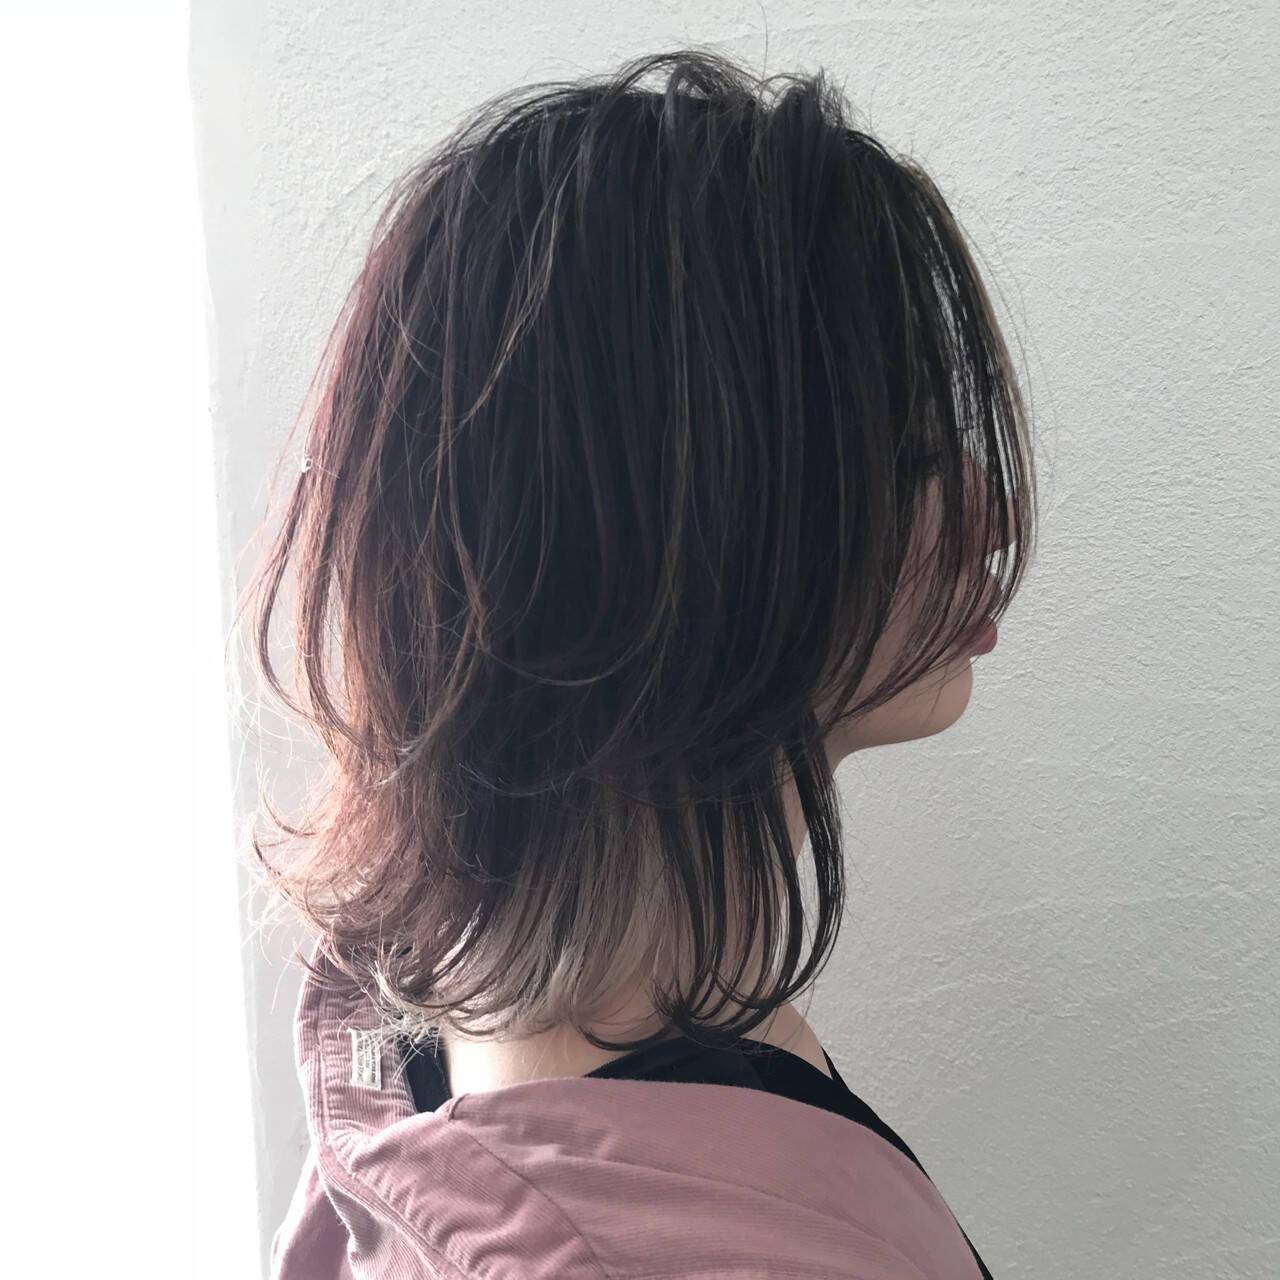 ウルフカット レイヤーカット ストリート インナーカラーヘアスタイルや髪型の写真・画像